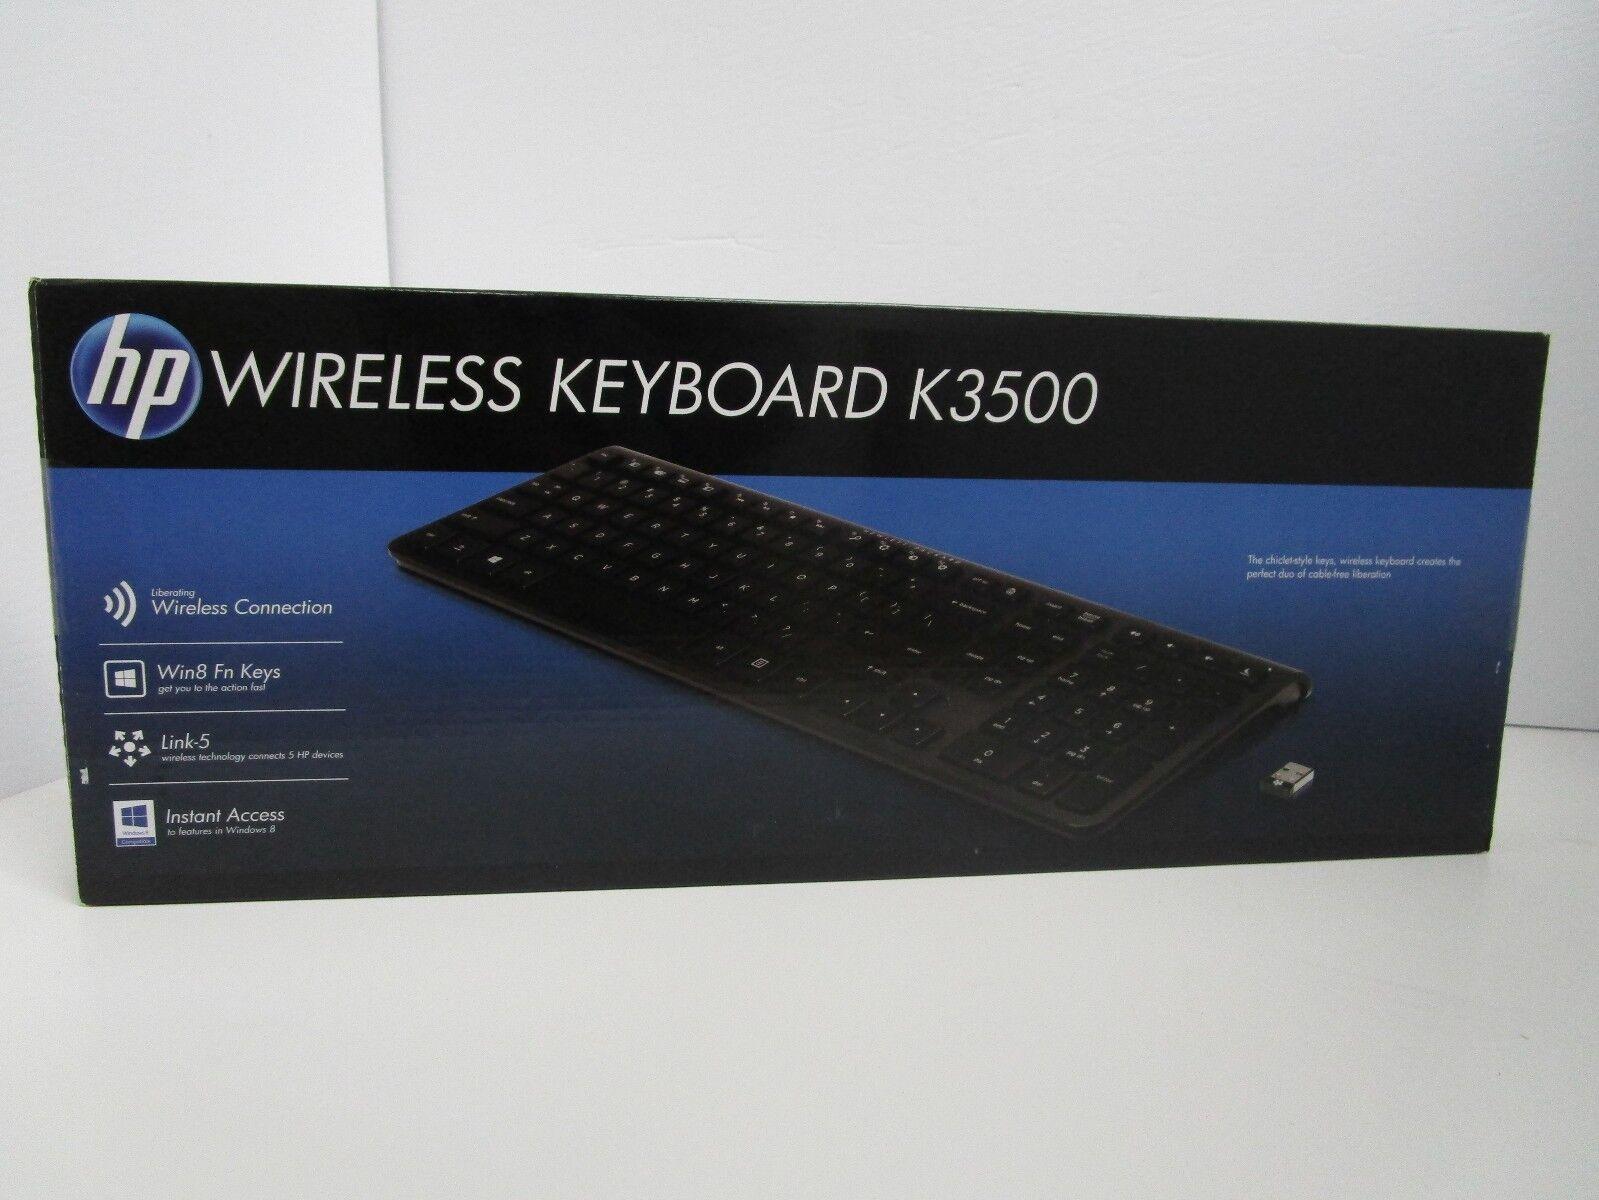 Hp - K3500 Wireless Keyboard - Black